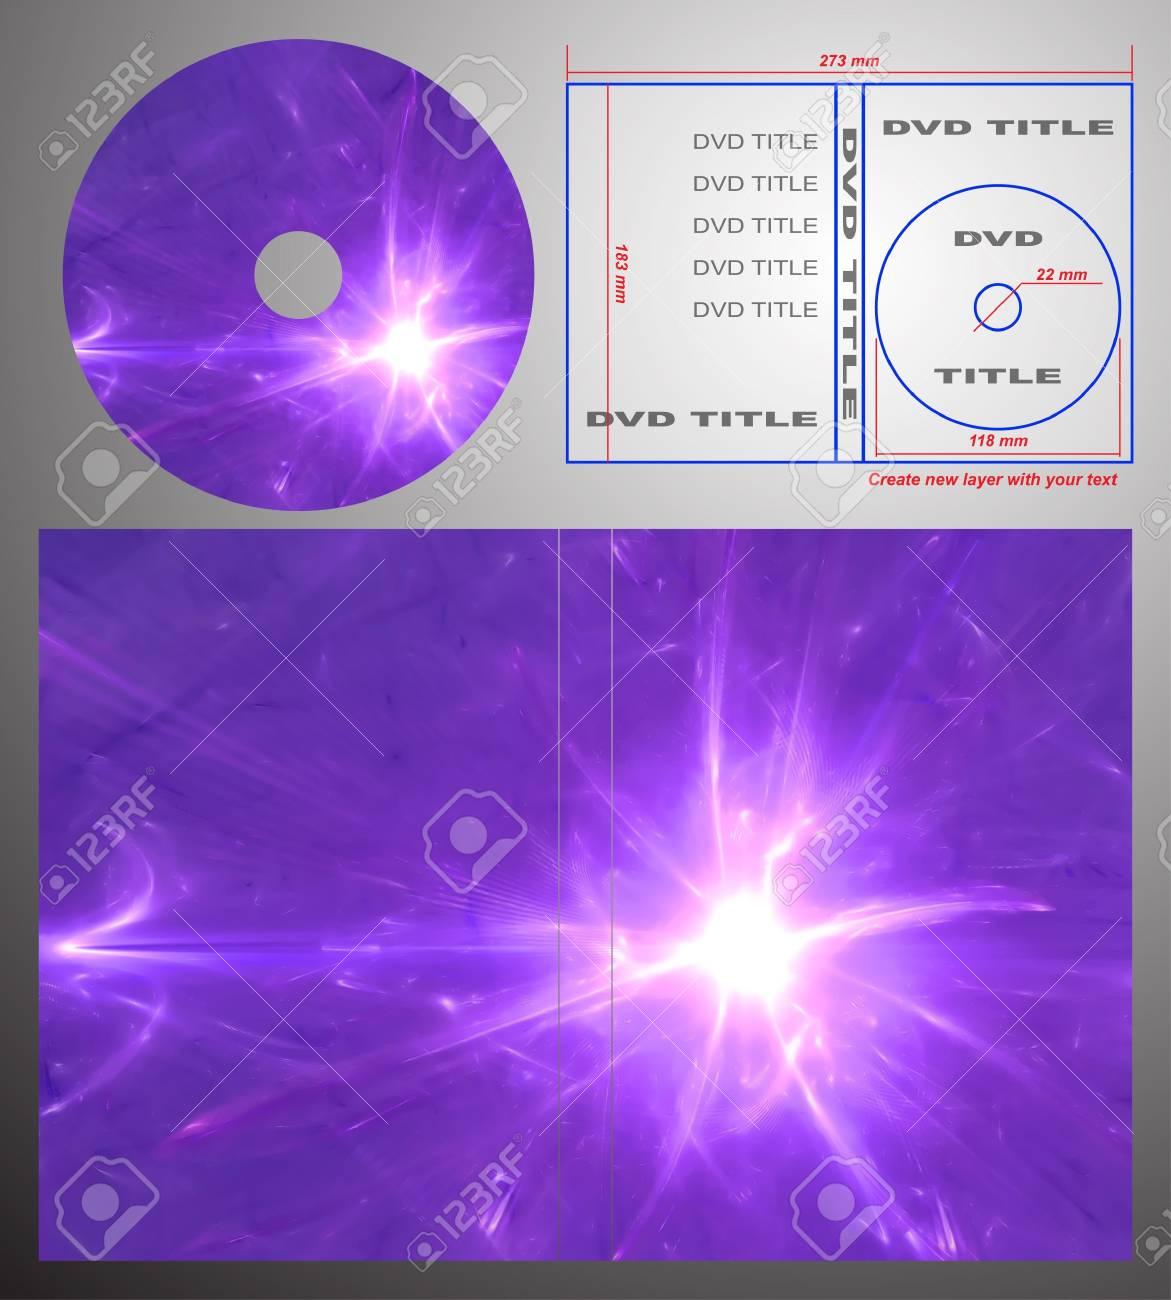 Resumen De Plantilla De Diseño Para La Etiqueta Del DVD Y La Caja De ...